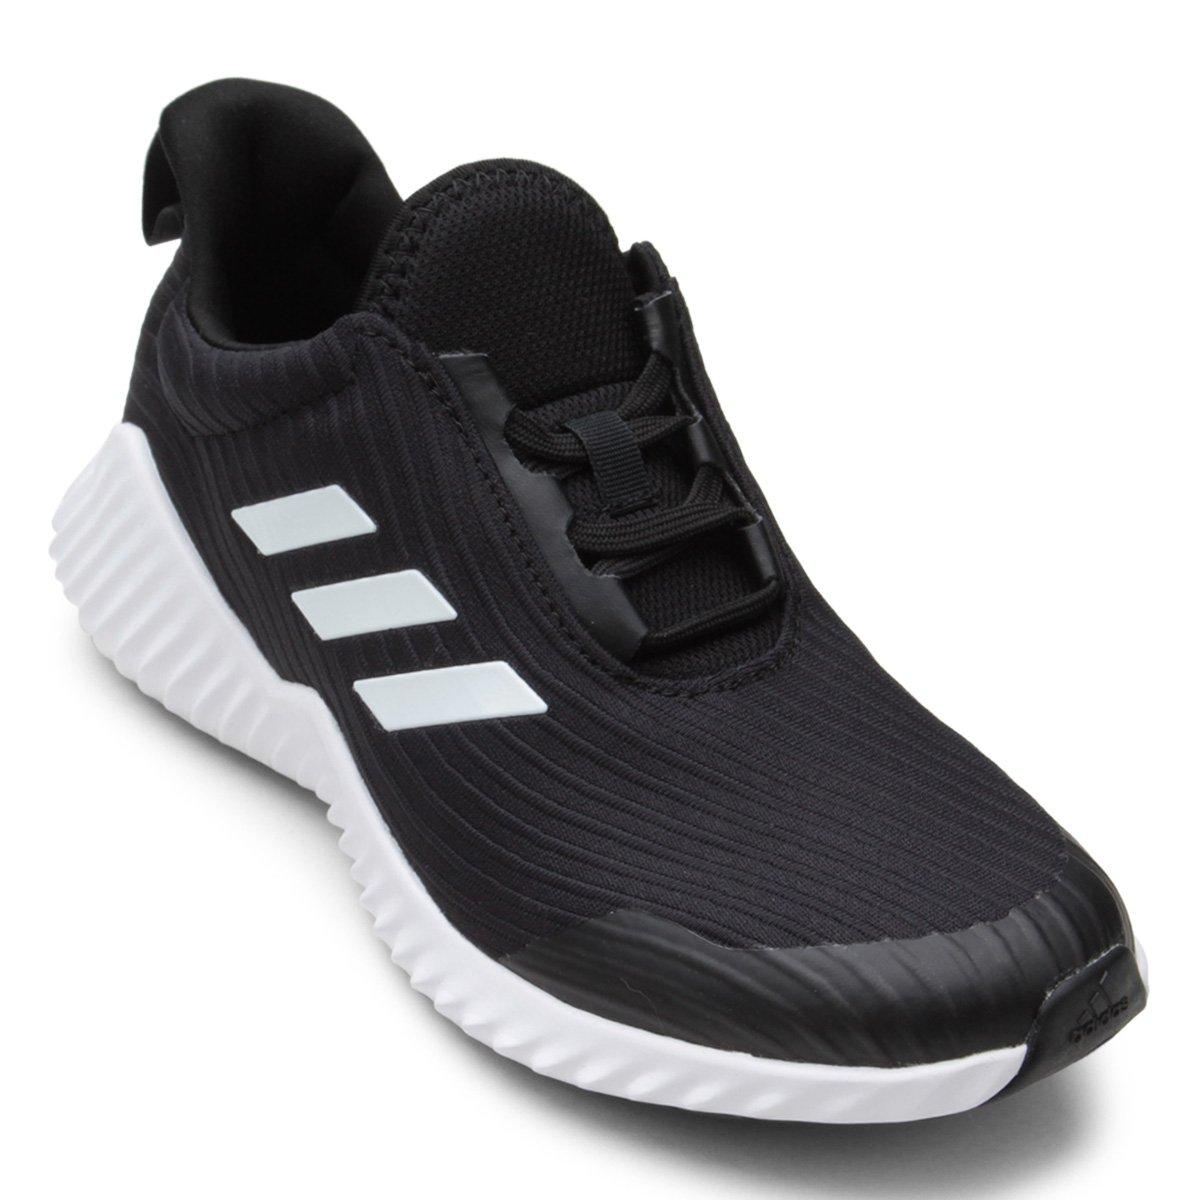 Tênis Infantil Adidas Fortarun 2 K Preto e Branco